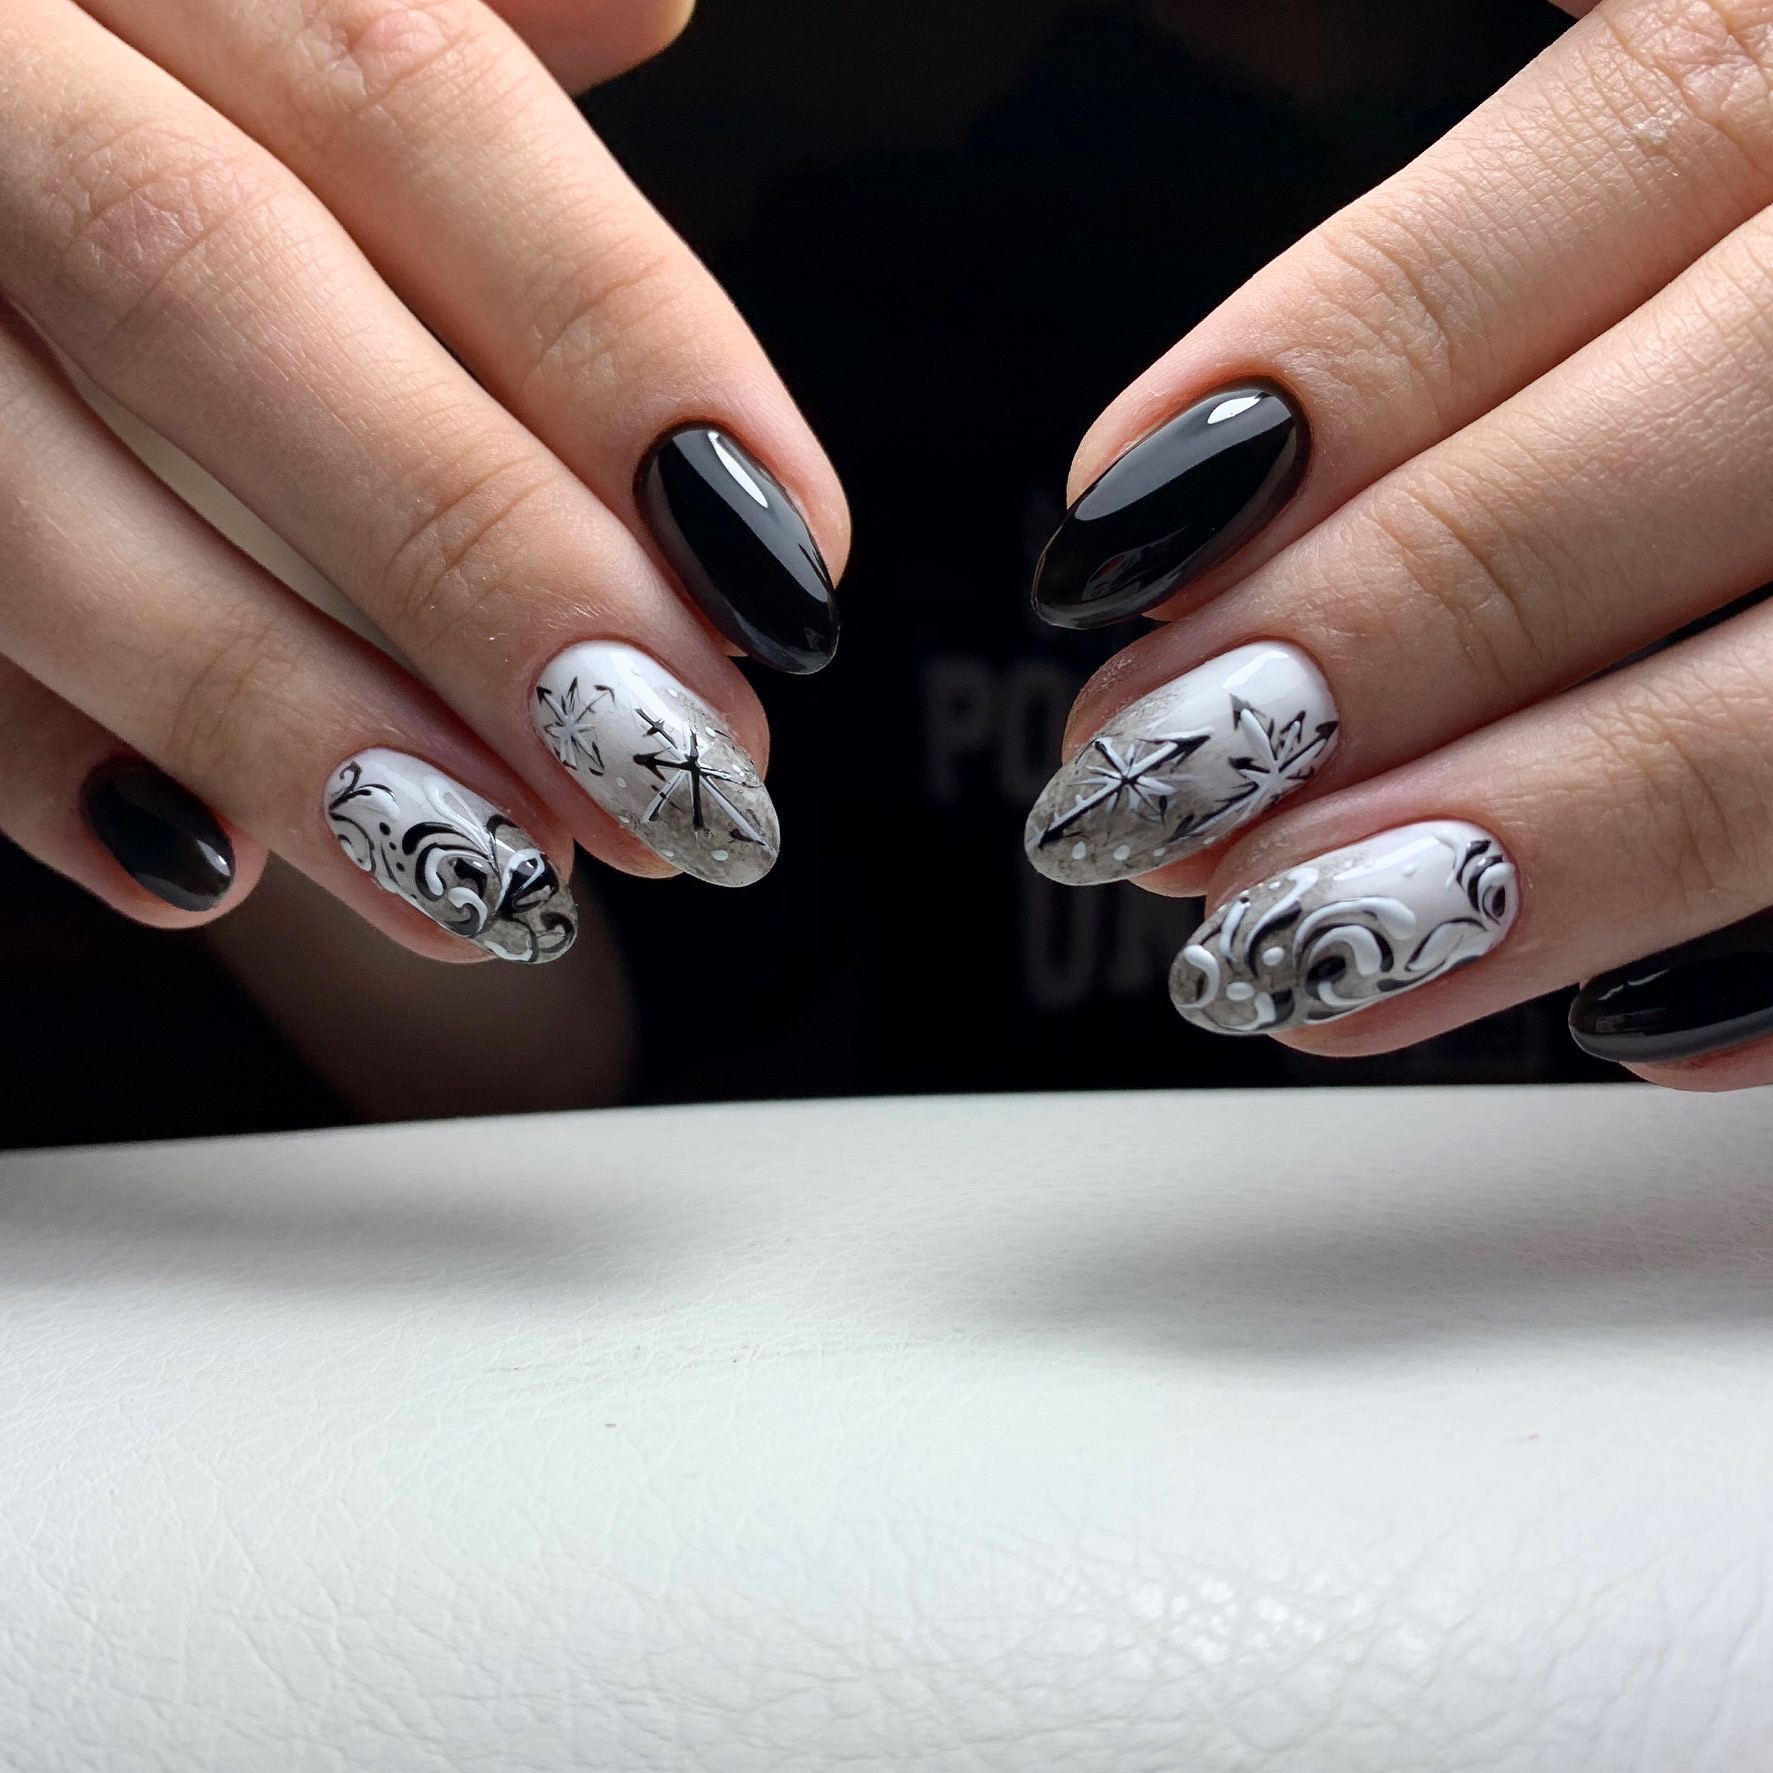 Маникюр с вензелями и абстрактным рисунком в черном цвете.